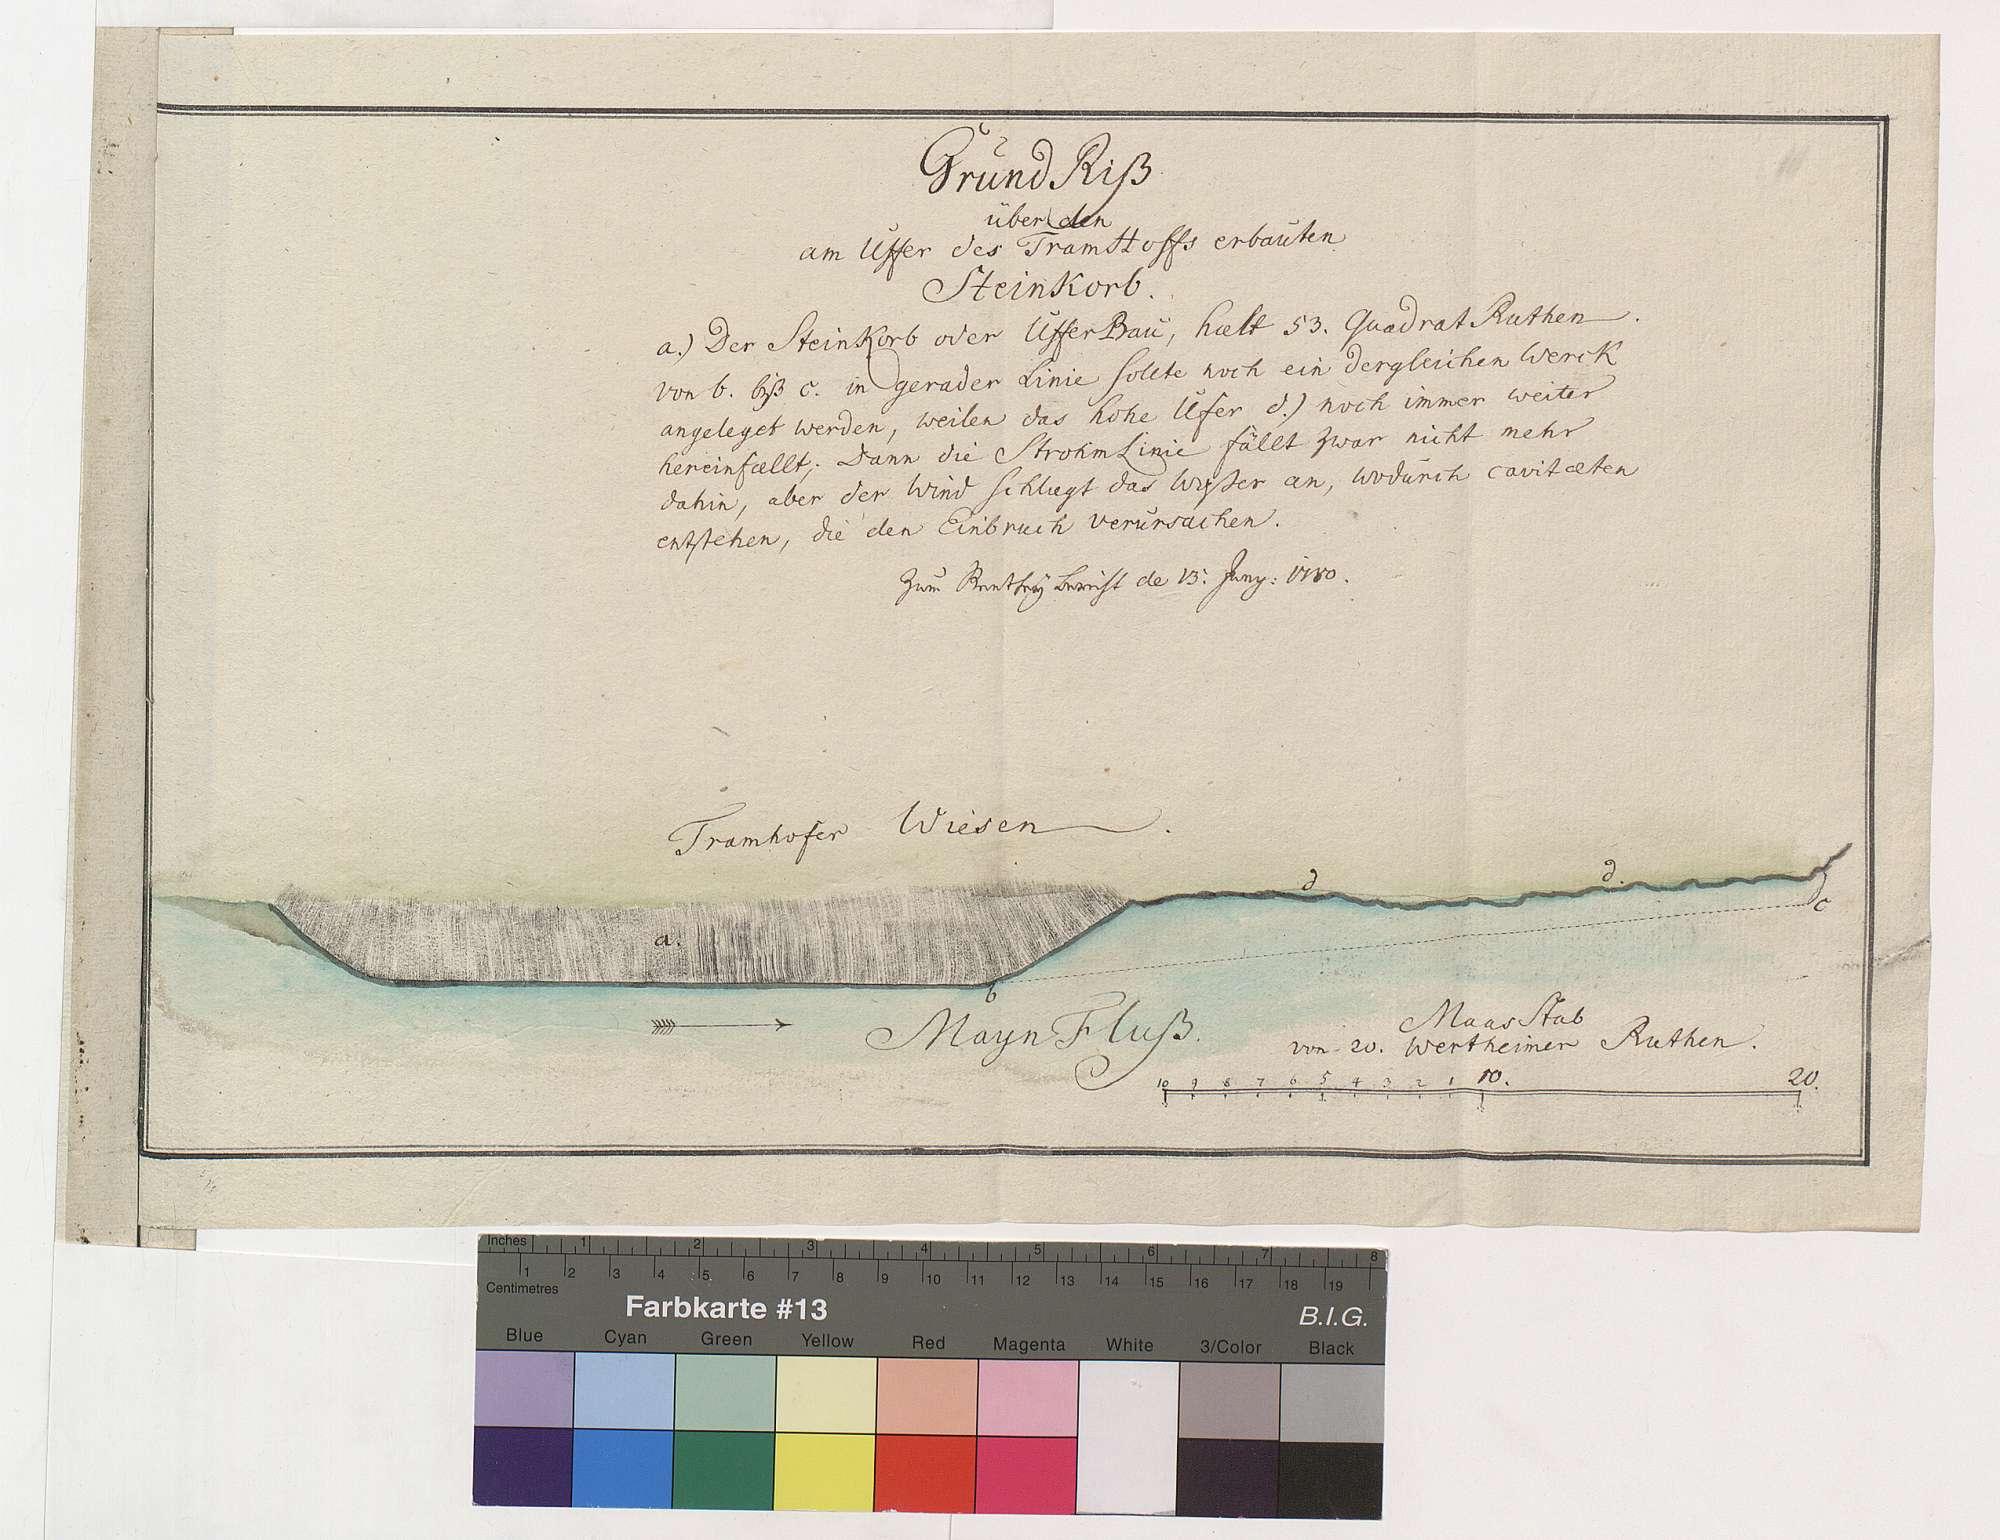 Uferbefestigung an den Tremhofer Wiesen, Bild 1